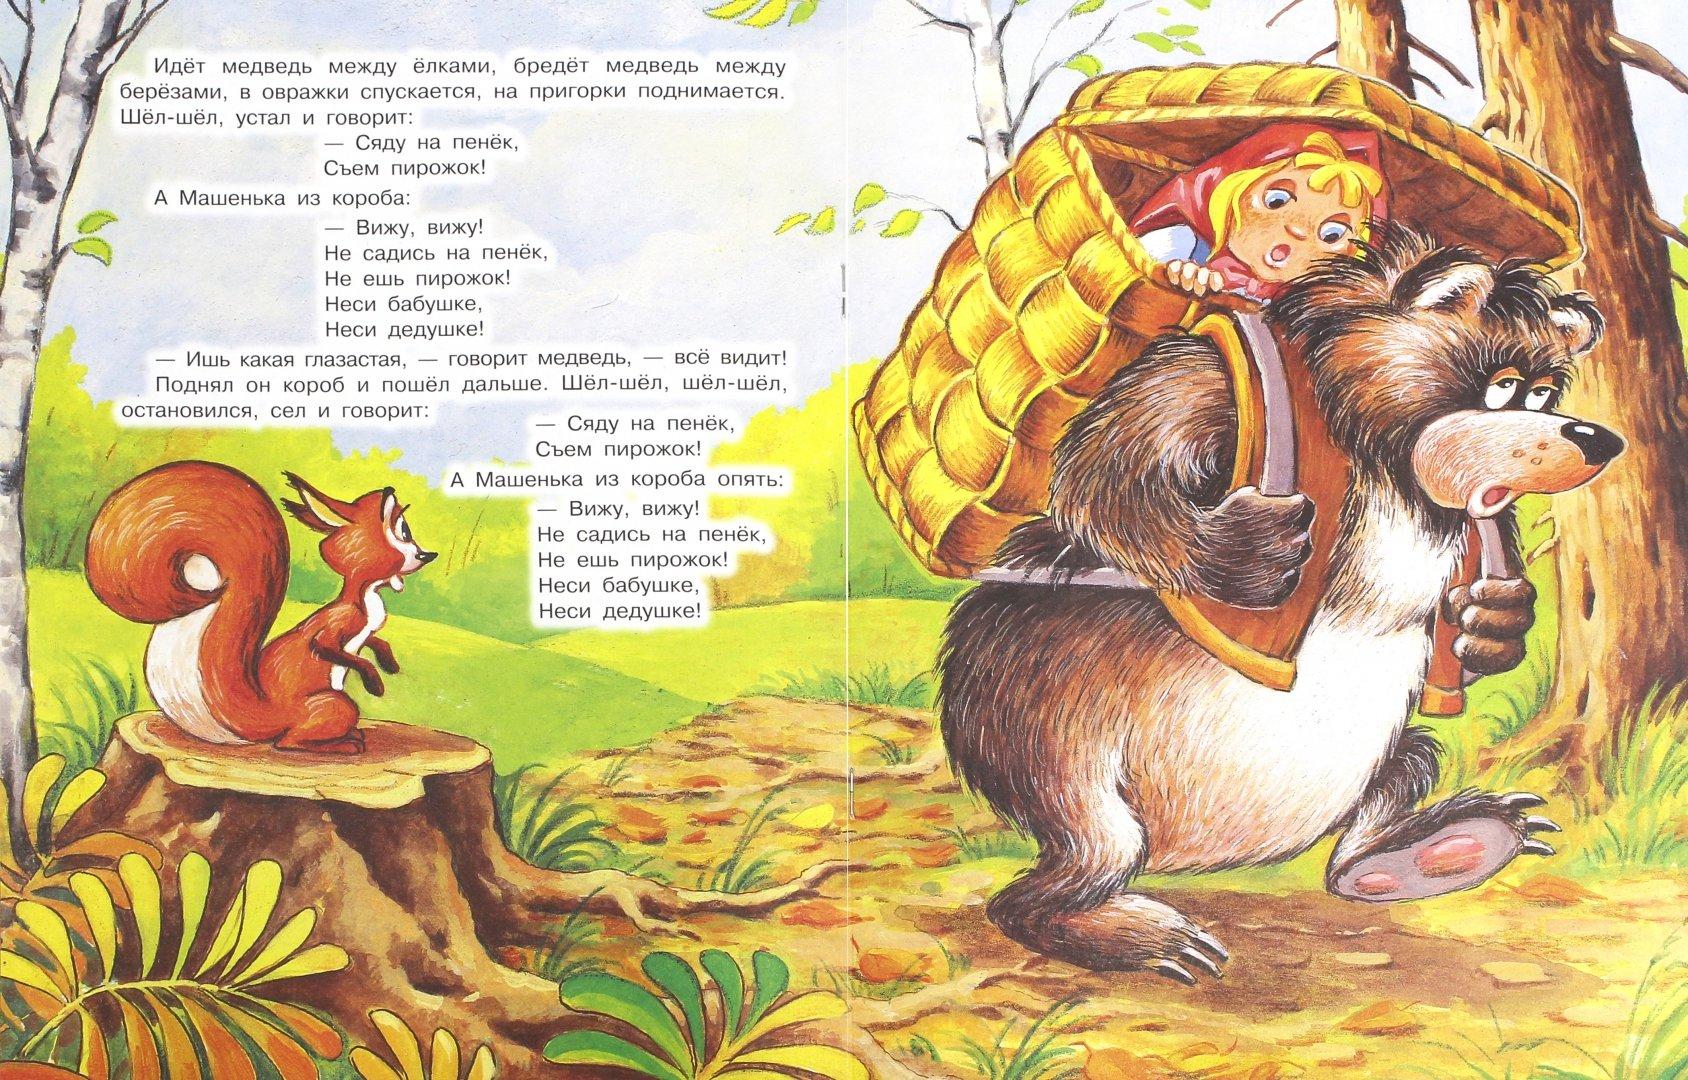 Сказка маша и медведь с картинками и текстом